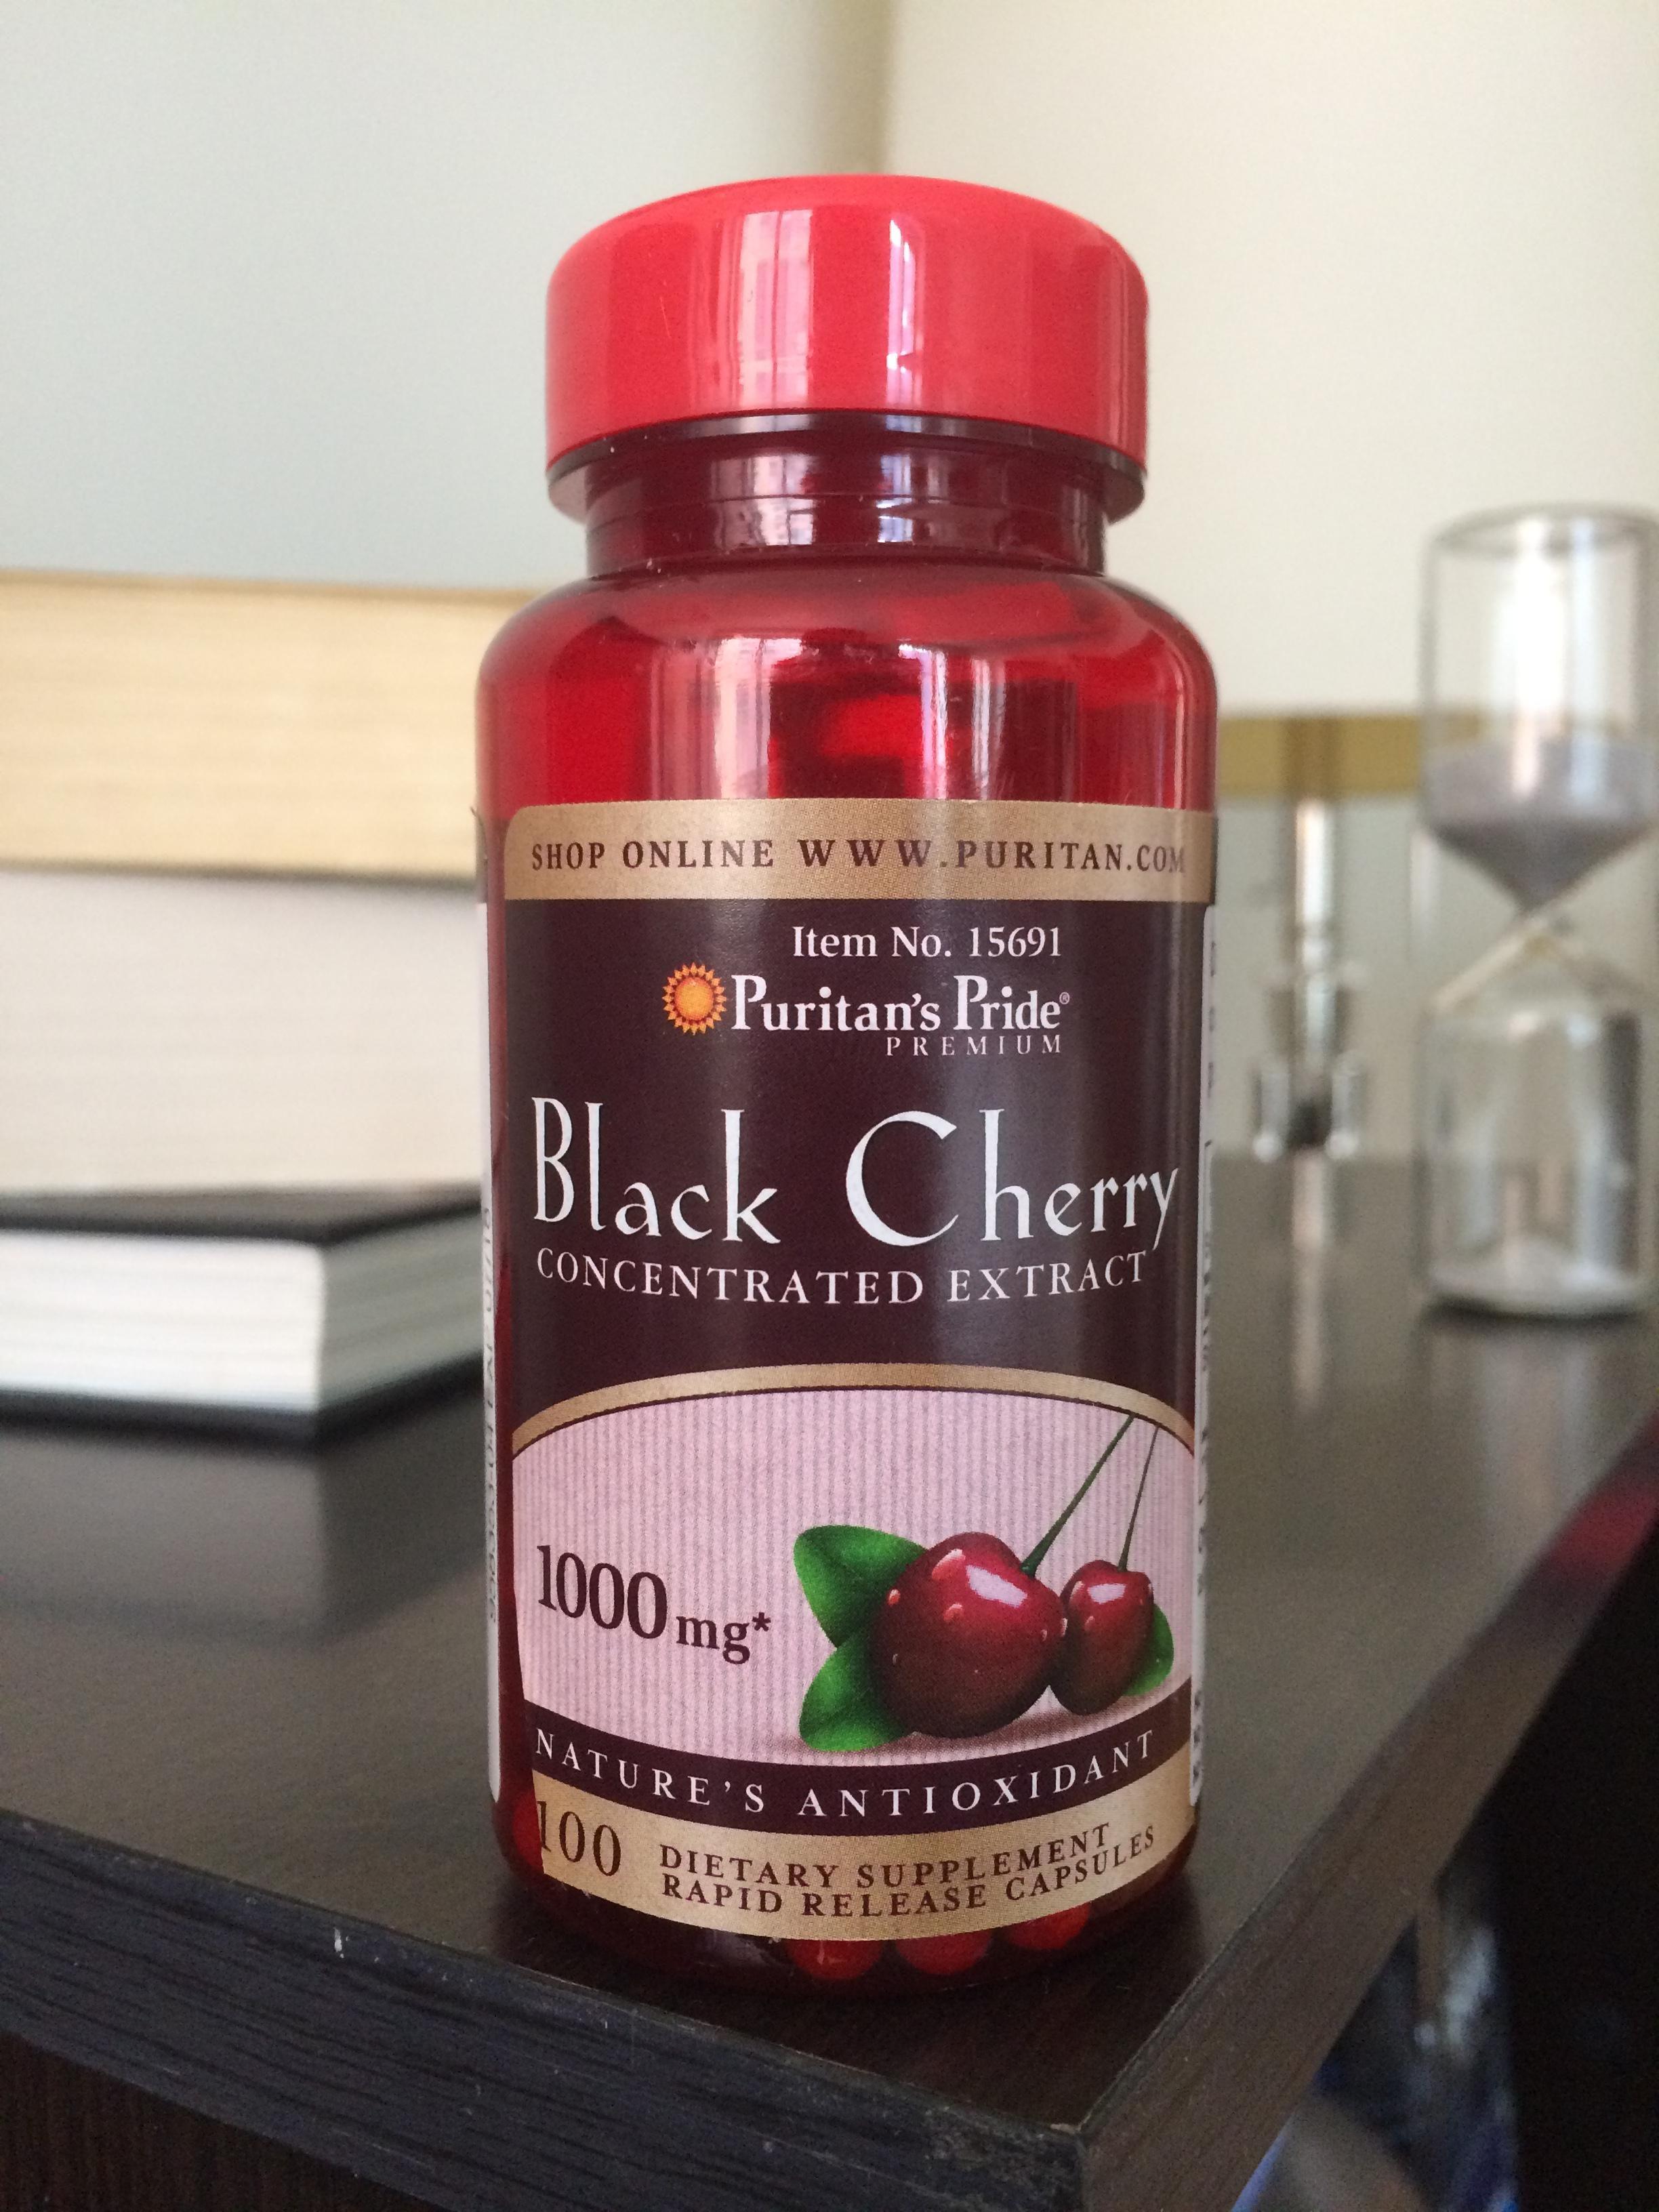 Kết quả hình ảnh cho black cherry puritan